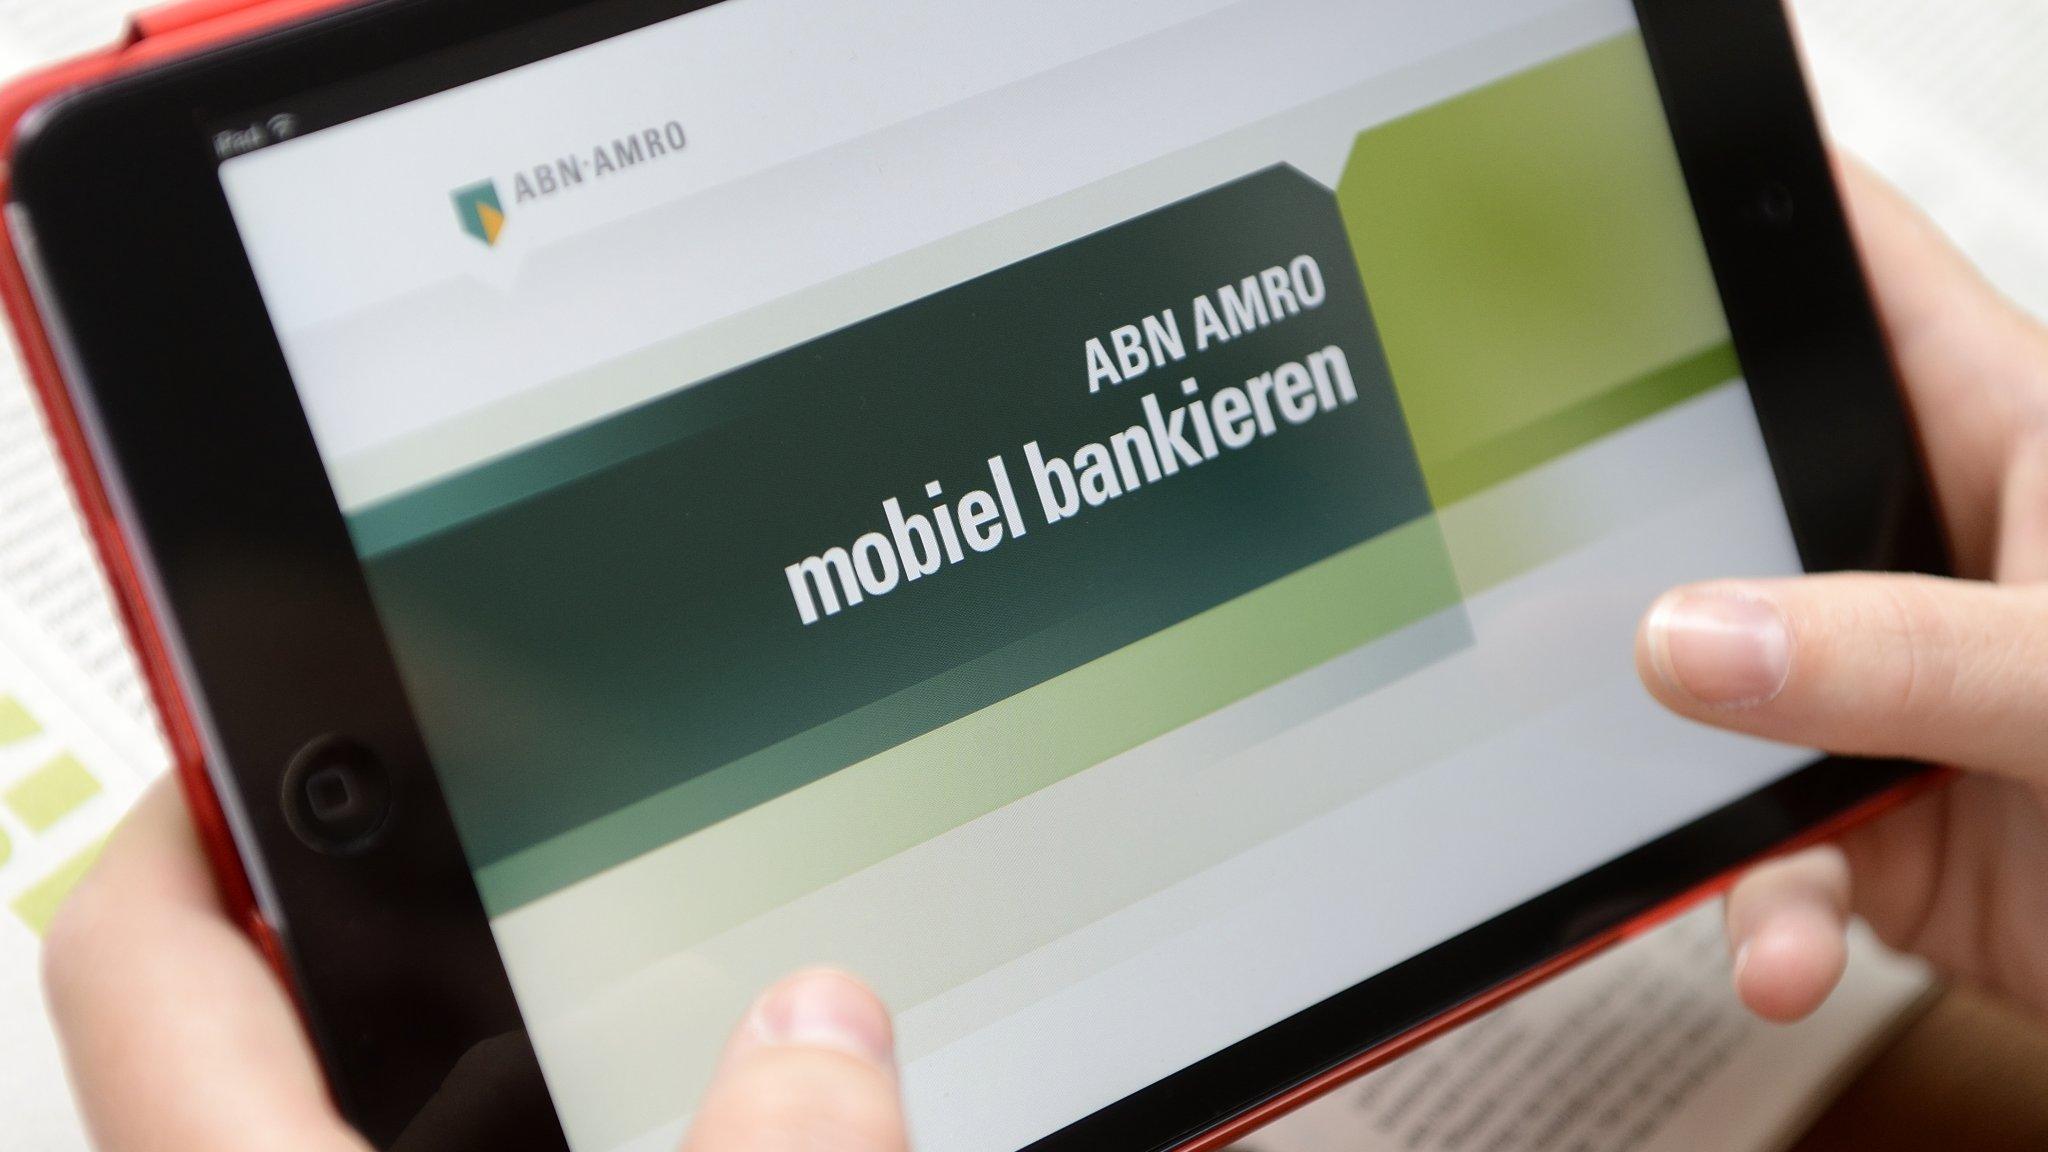 Grote Storing Abn Amro Voorbij Internetbankieren Werkt